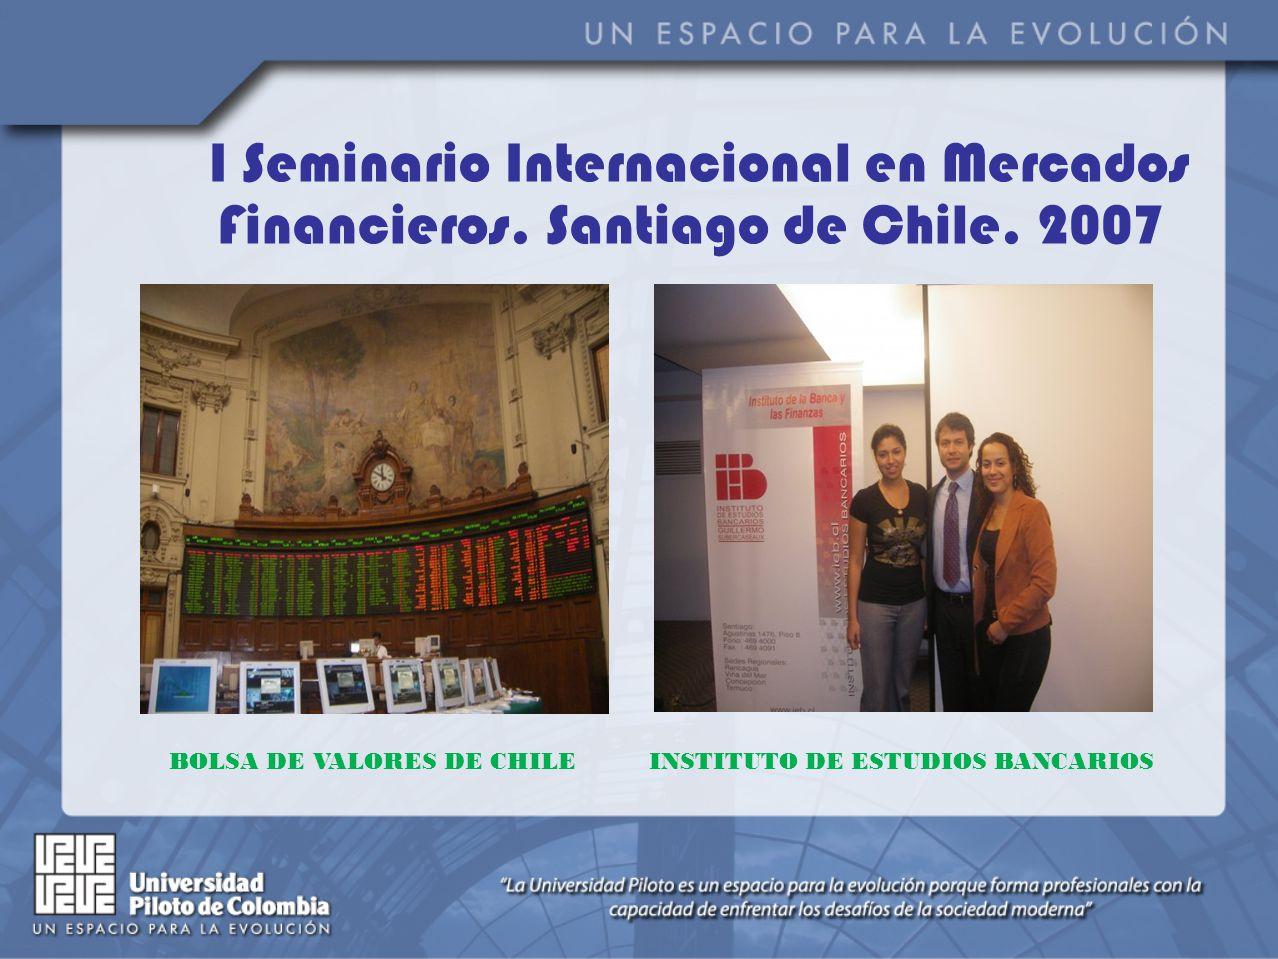 I Seminario Internacional en Mercados Financieros.